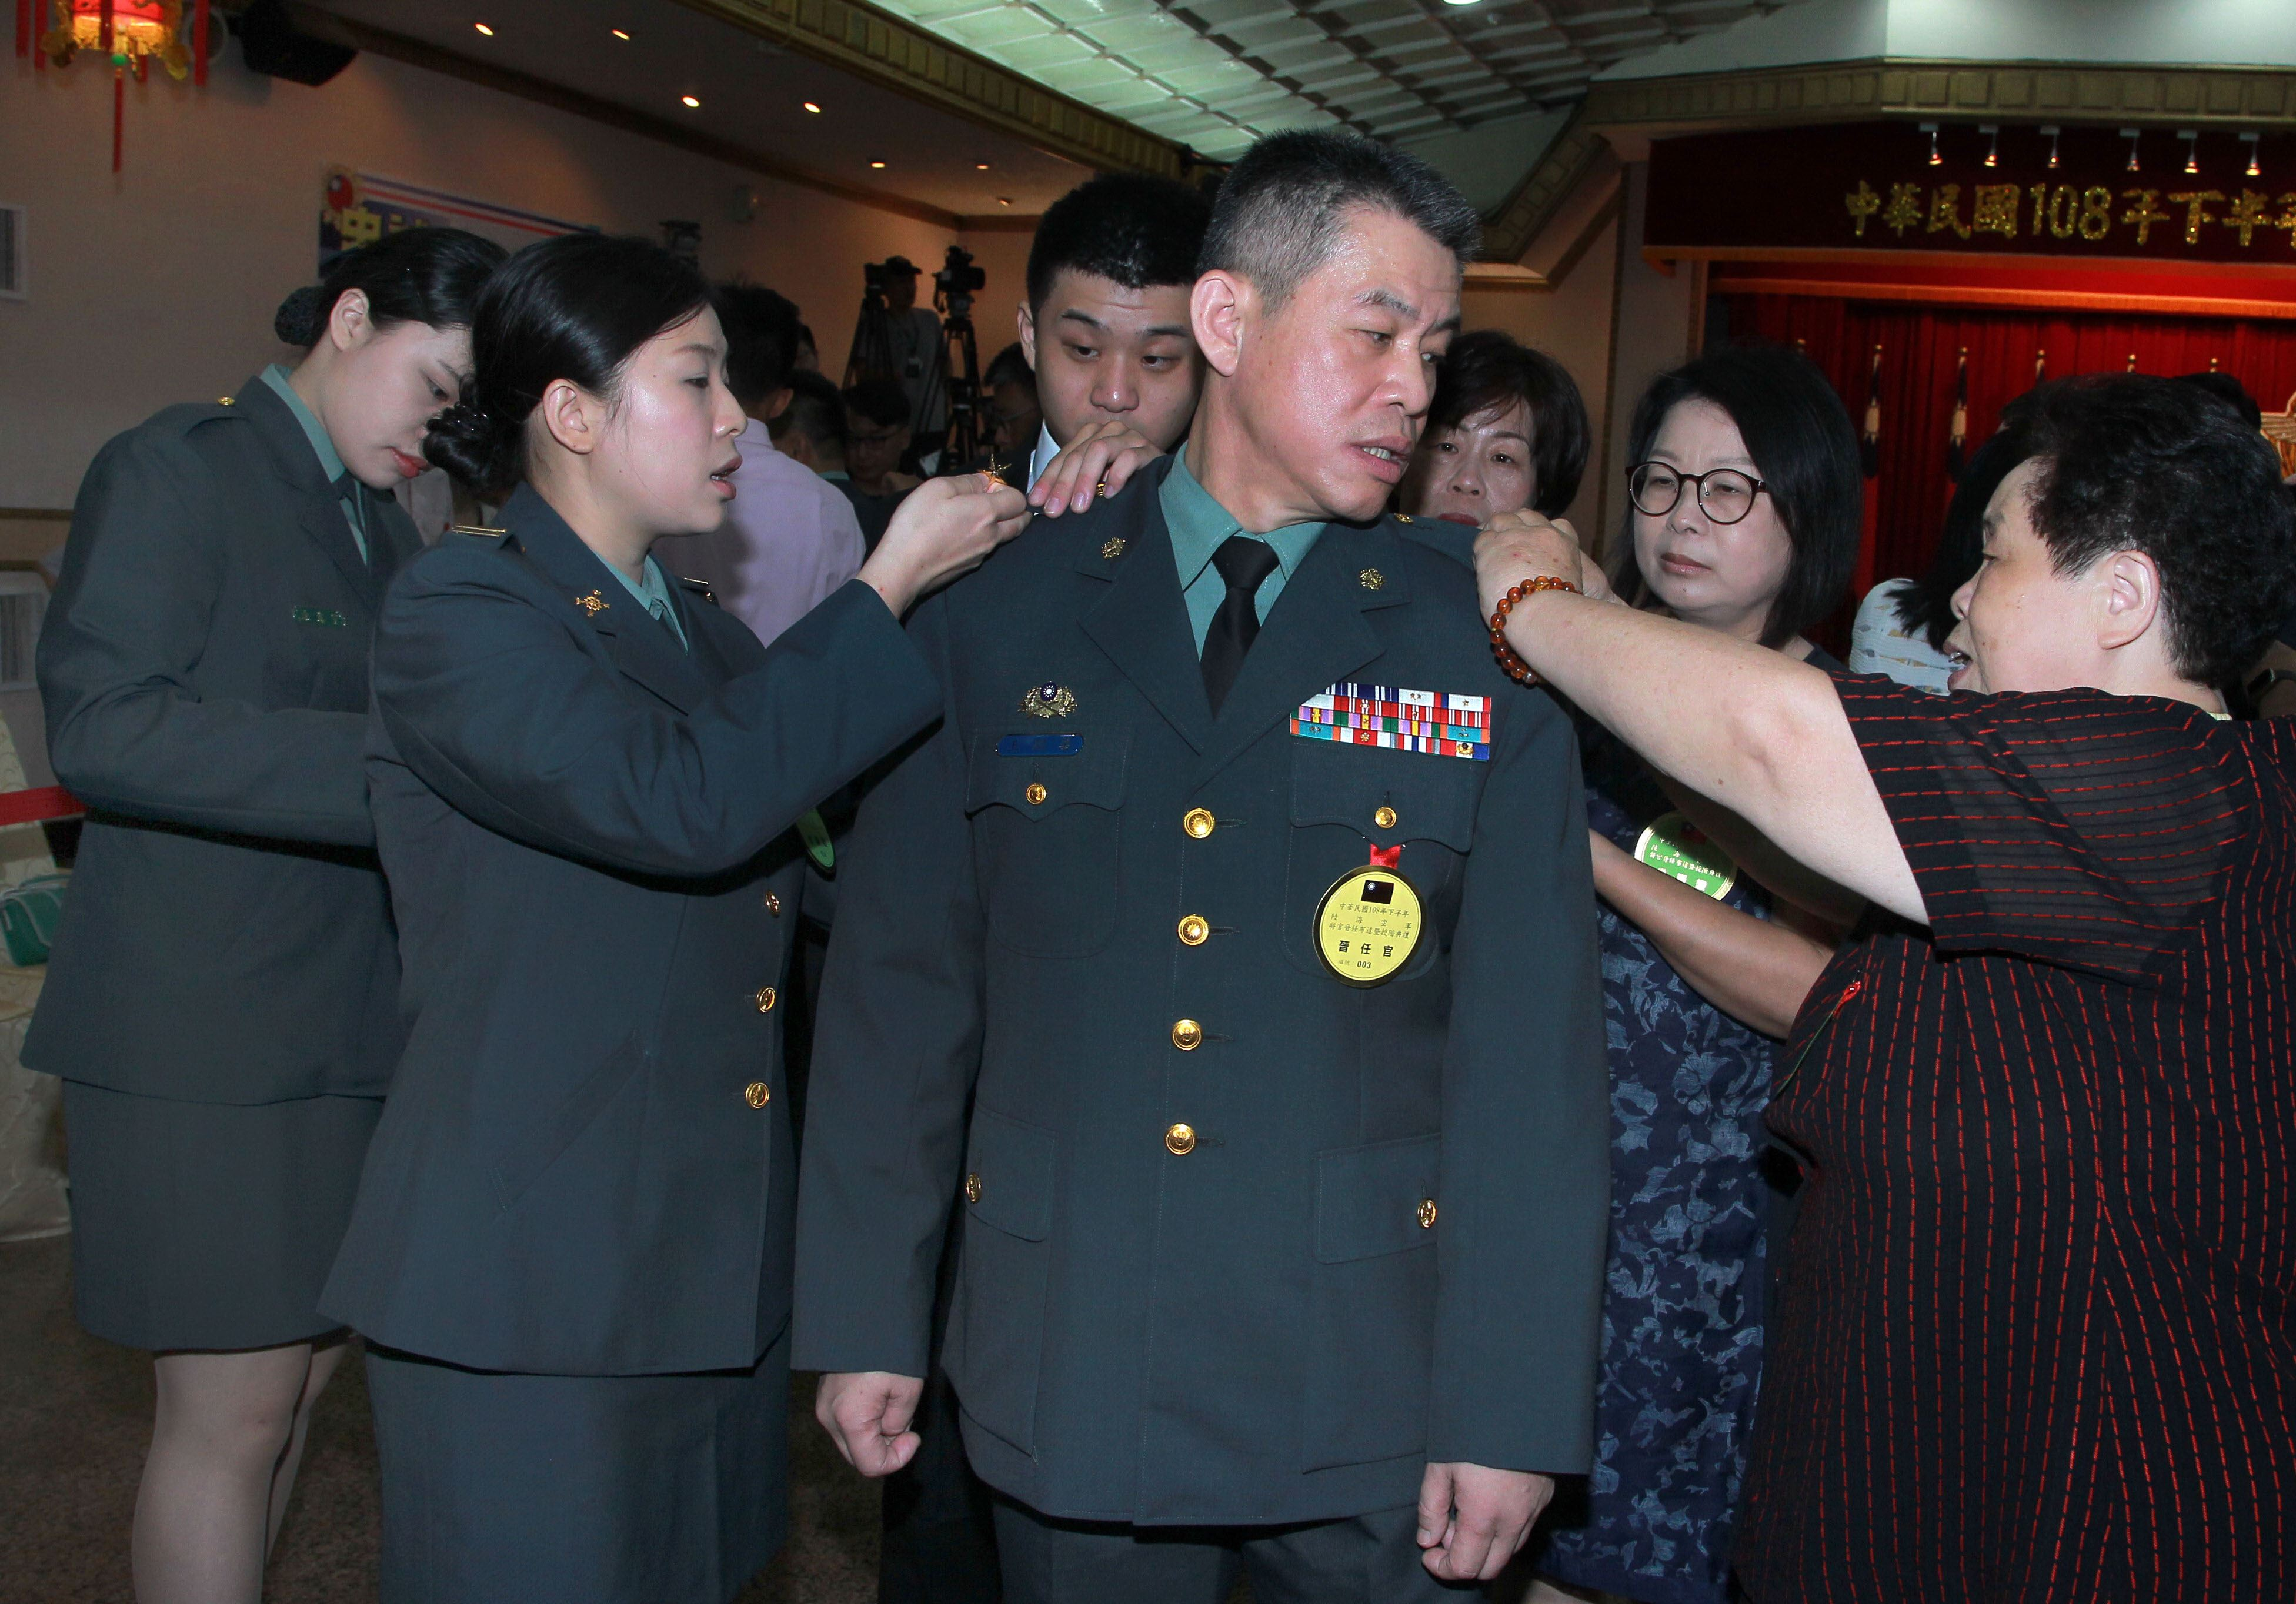 108年下半年陸海空軍將官晉任布達暨授階典禮,晉升中將的王紹華由同樣身為職業軍人的女兒王德霖(左)與家人為其掛上中將階級。(記者邱榮吉/攝影)